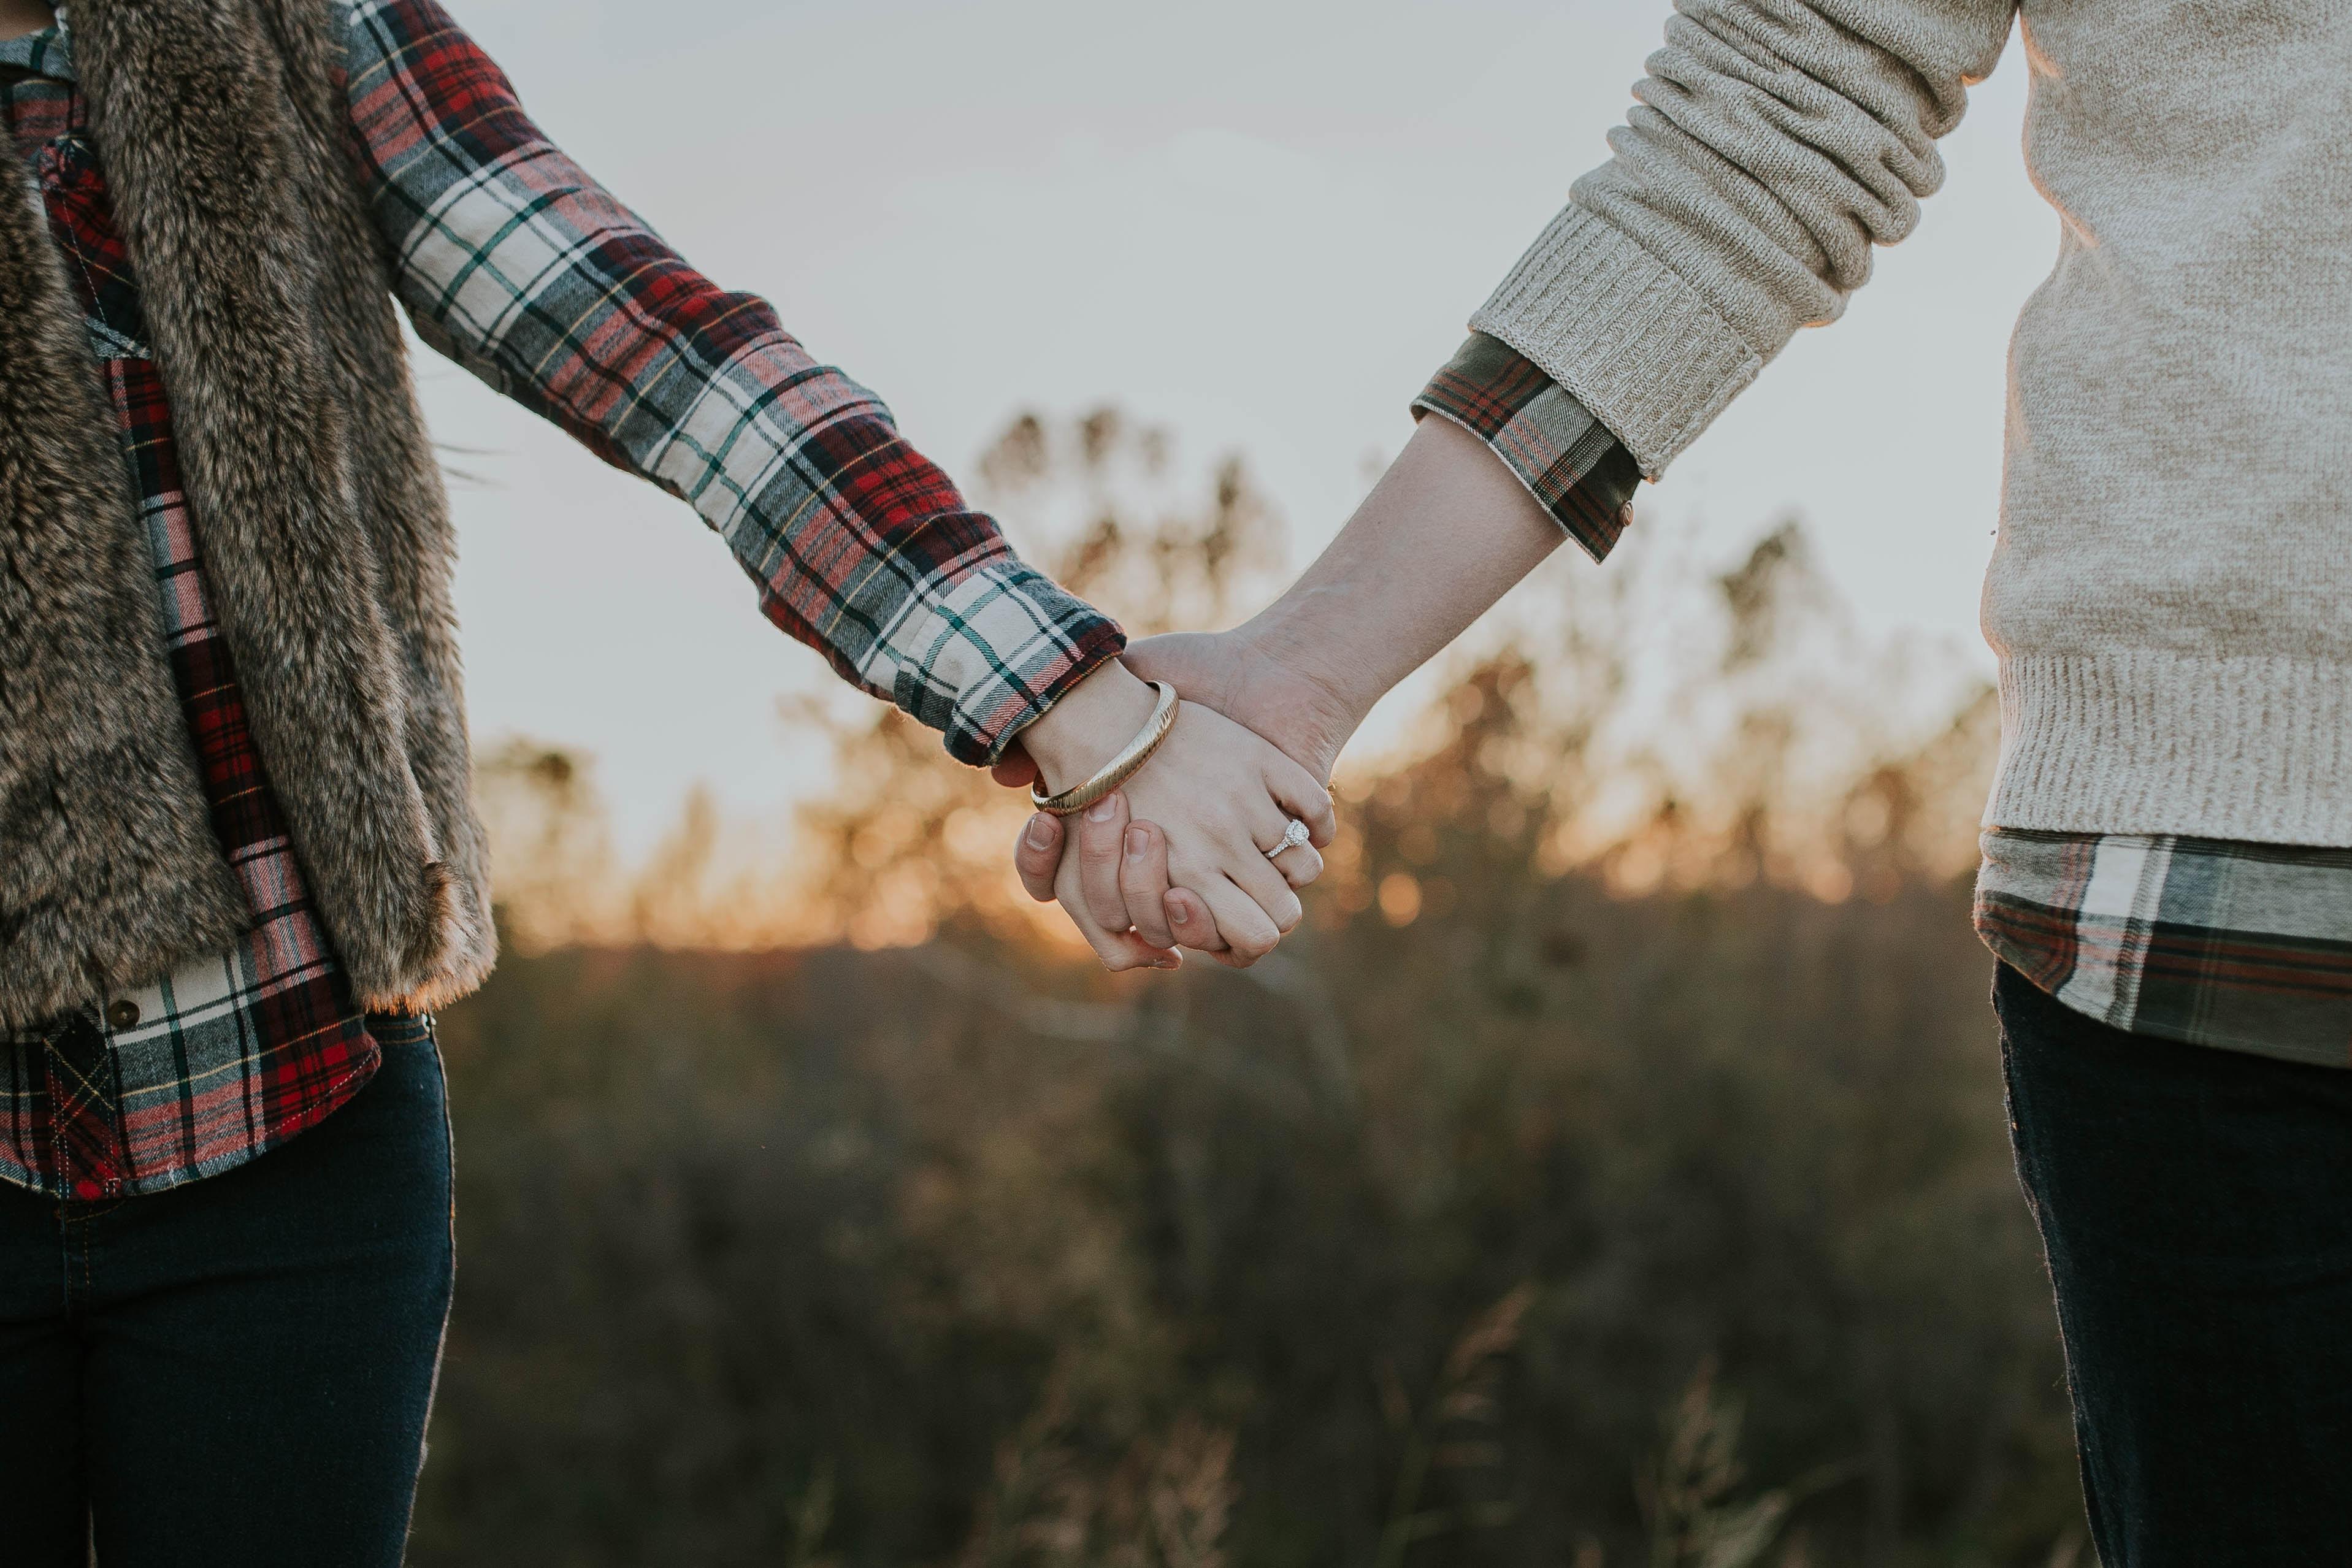 Chỉ khi hai người cùng hướng về một phía, mới có thể cùng nhau đi đến cuối cùng - Ảnh 1.